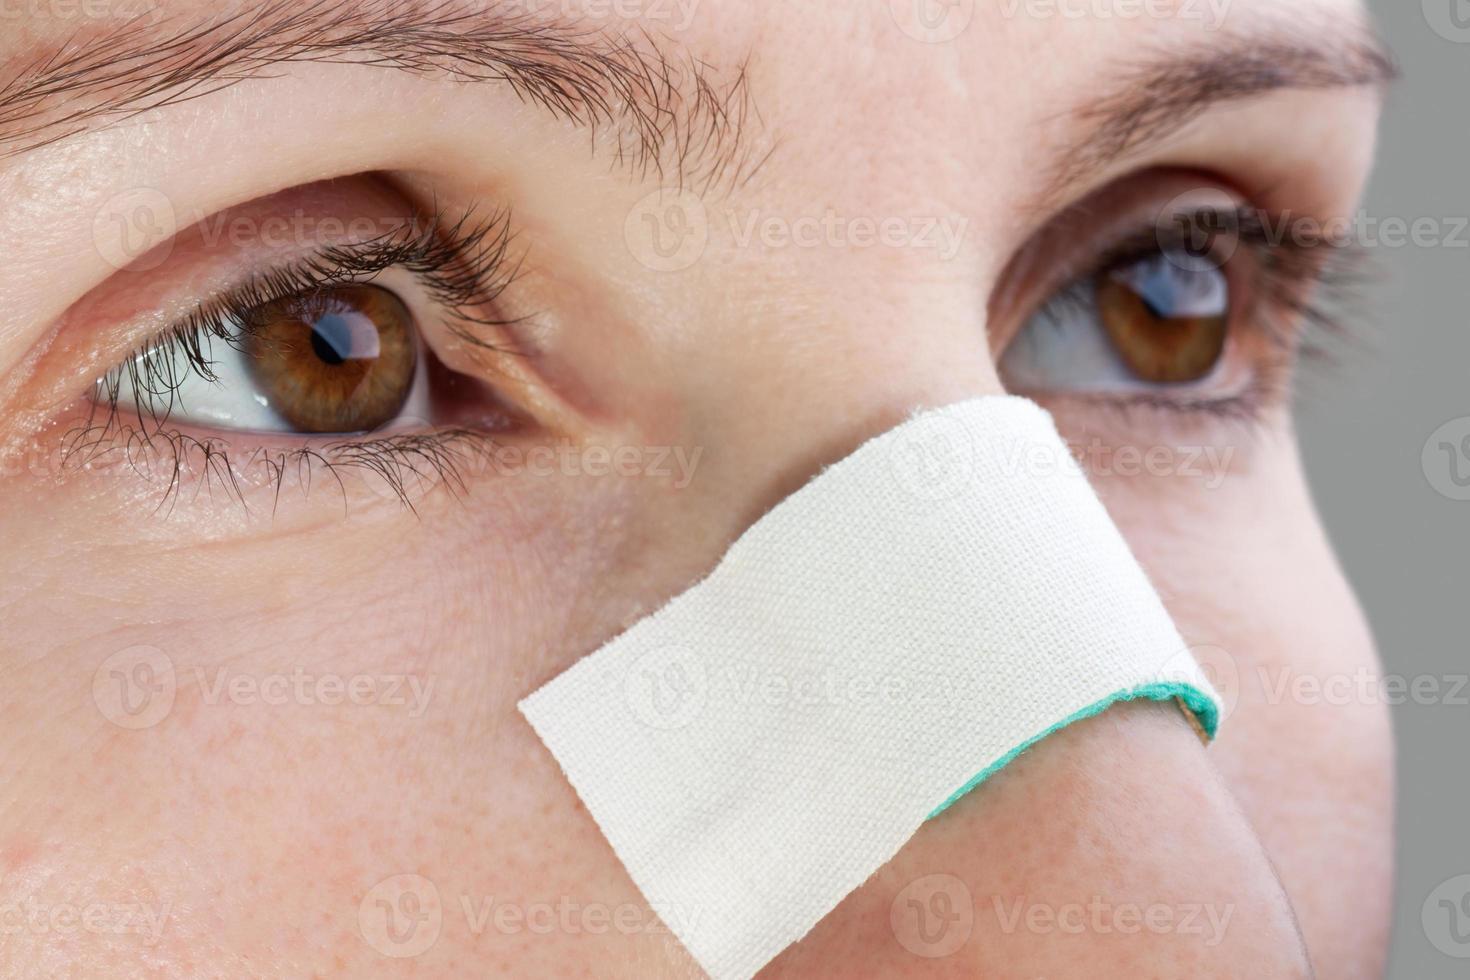 plâtre sur nez enroulé photo